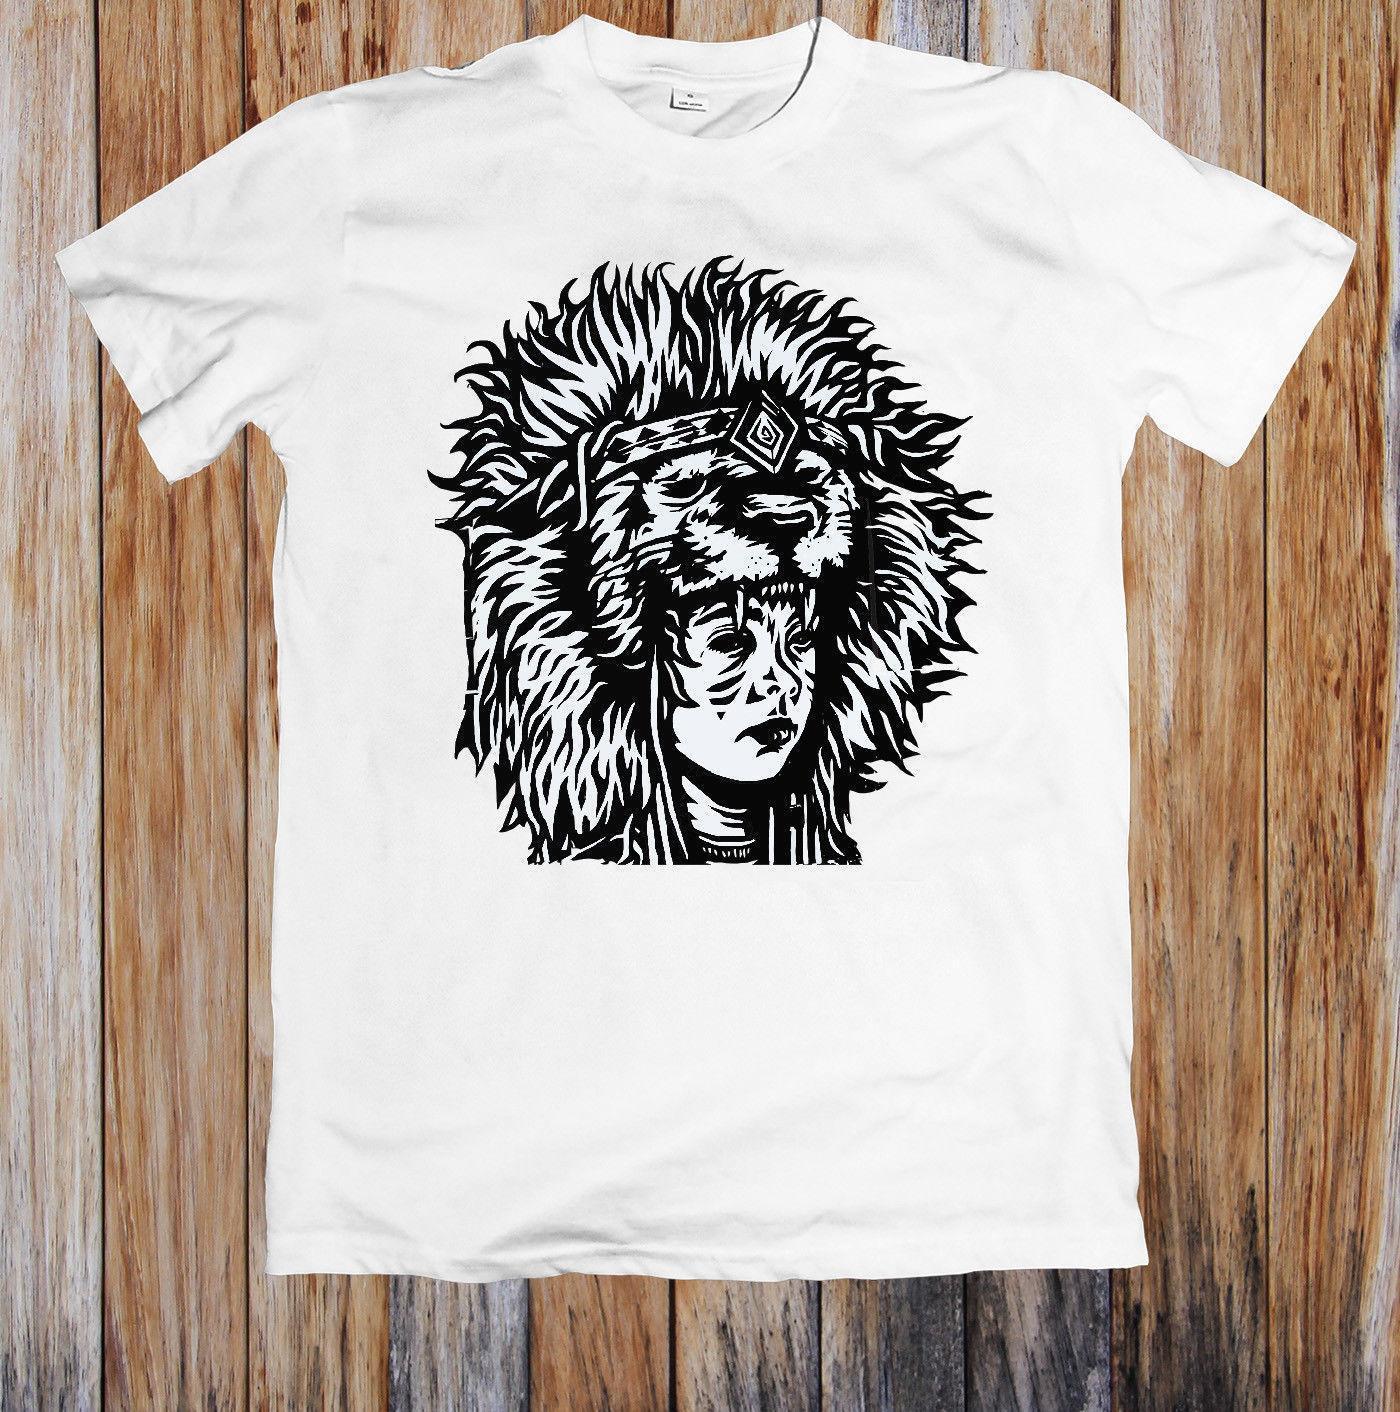 fd5e3f8a5ace TRIBAL HEAD DRESS SHAMAN UNISEX T SHIRT 2018 Summer New Brand T Shirt Men T  Shirt Casual Fitness Design Tee Shirts T Shirt Funny From Yubin07, ...